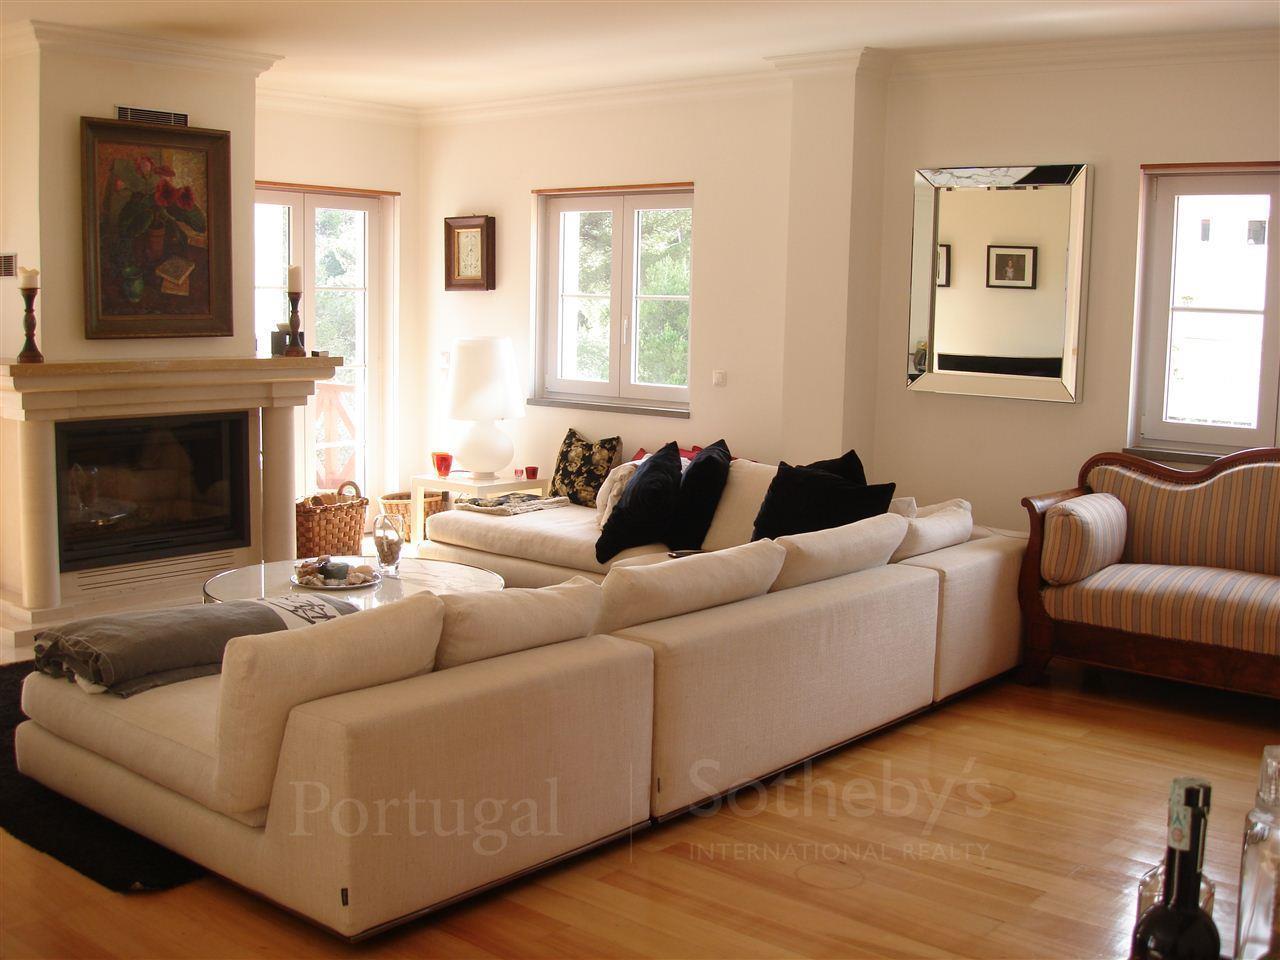 단독 가정 주택 용 매매 에 House, 5 bedrooms, for Sale Cascais, 리스보아 포르투갈